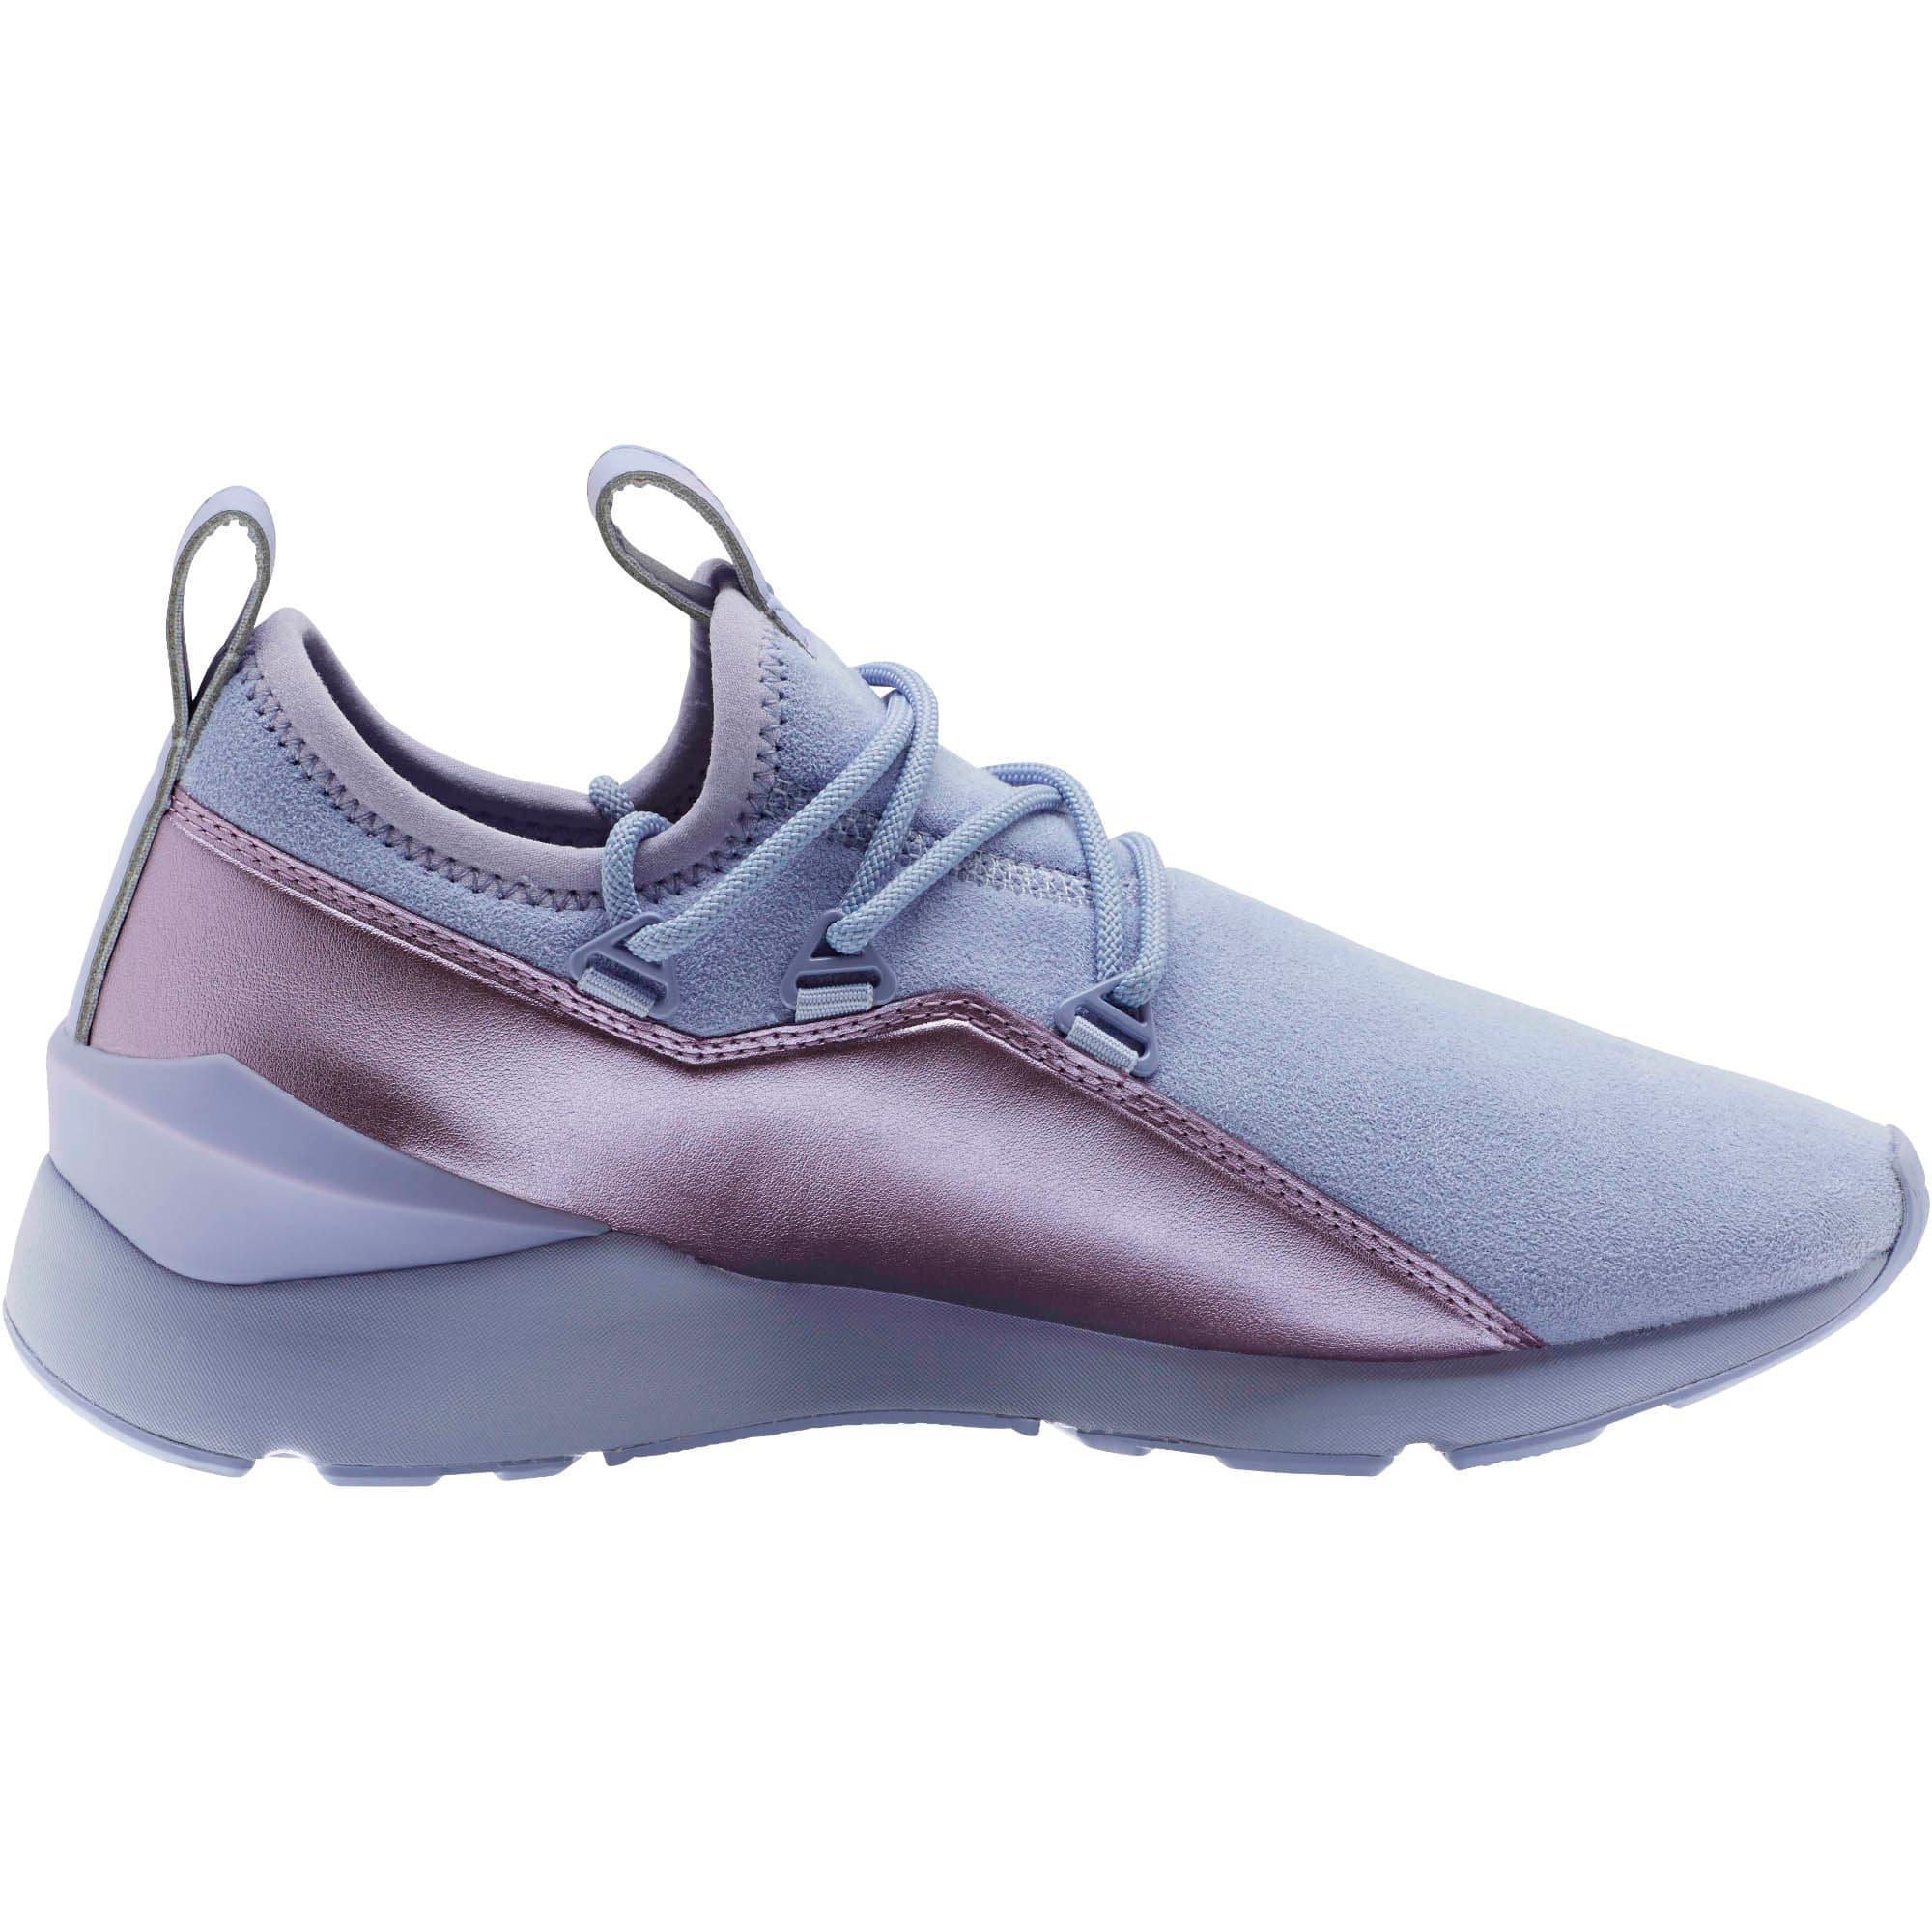 Miniatura 4 de Zapatos deportivosMuse 2 Twilight de mujer, Sweet Lavender, mediano